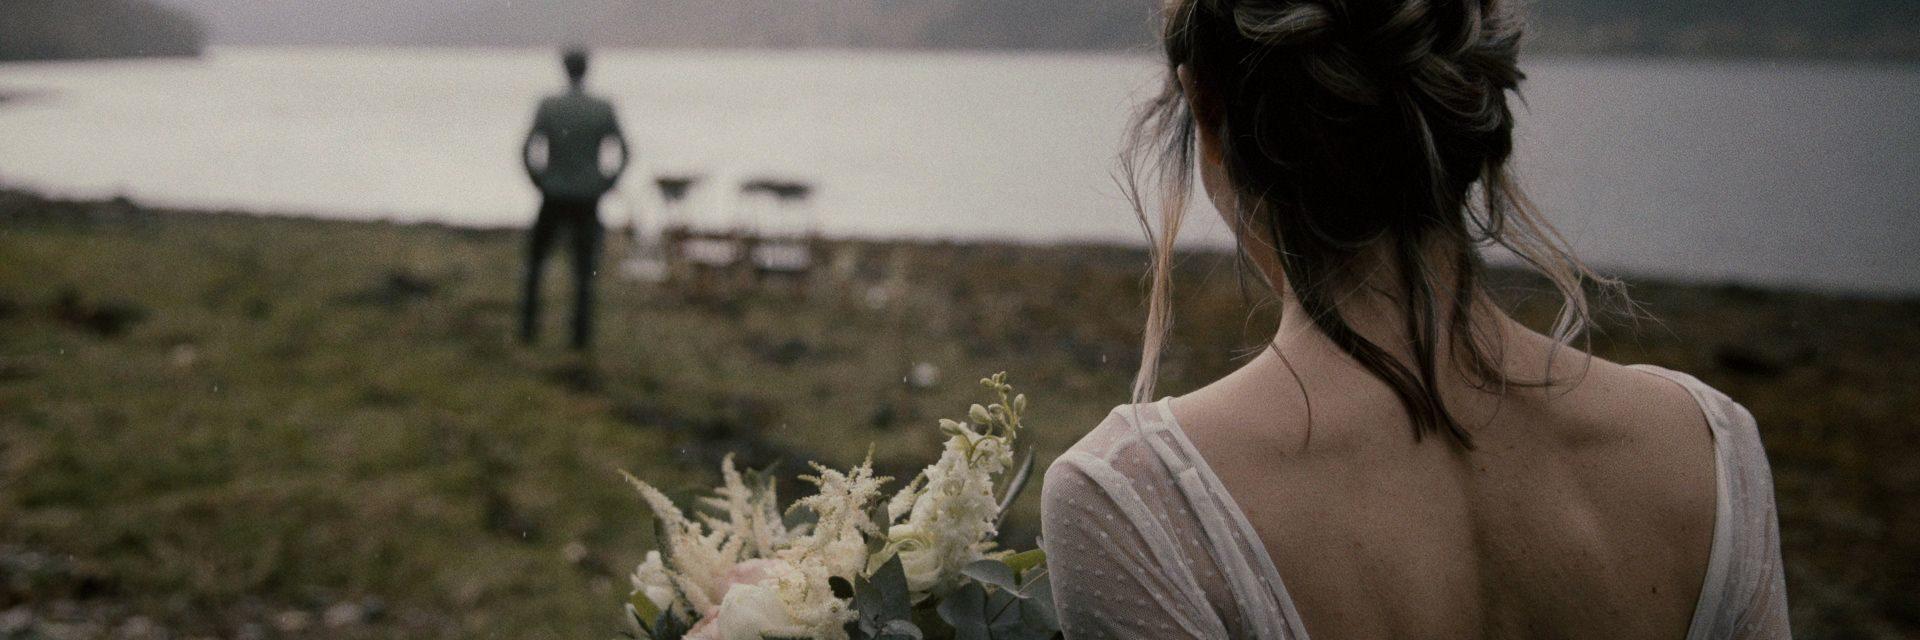 Nesebar-wedding-videographer-cinemate-films-02